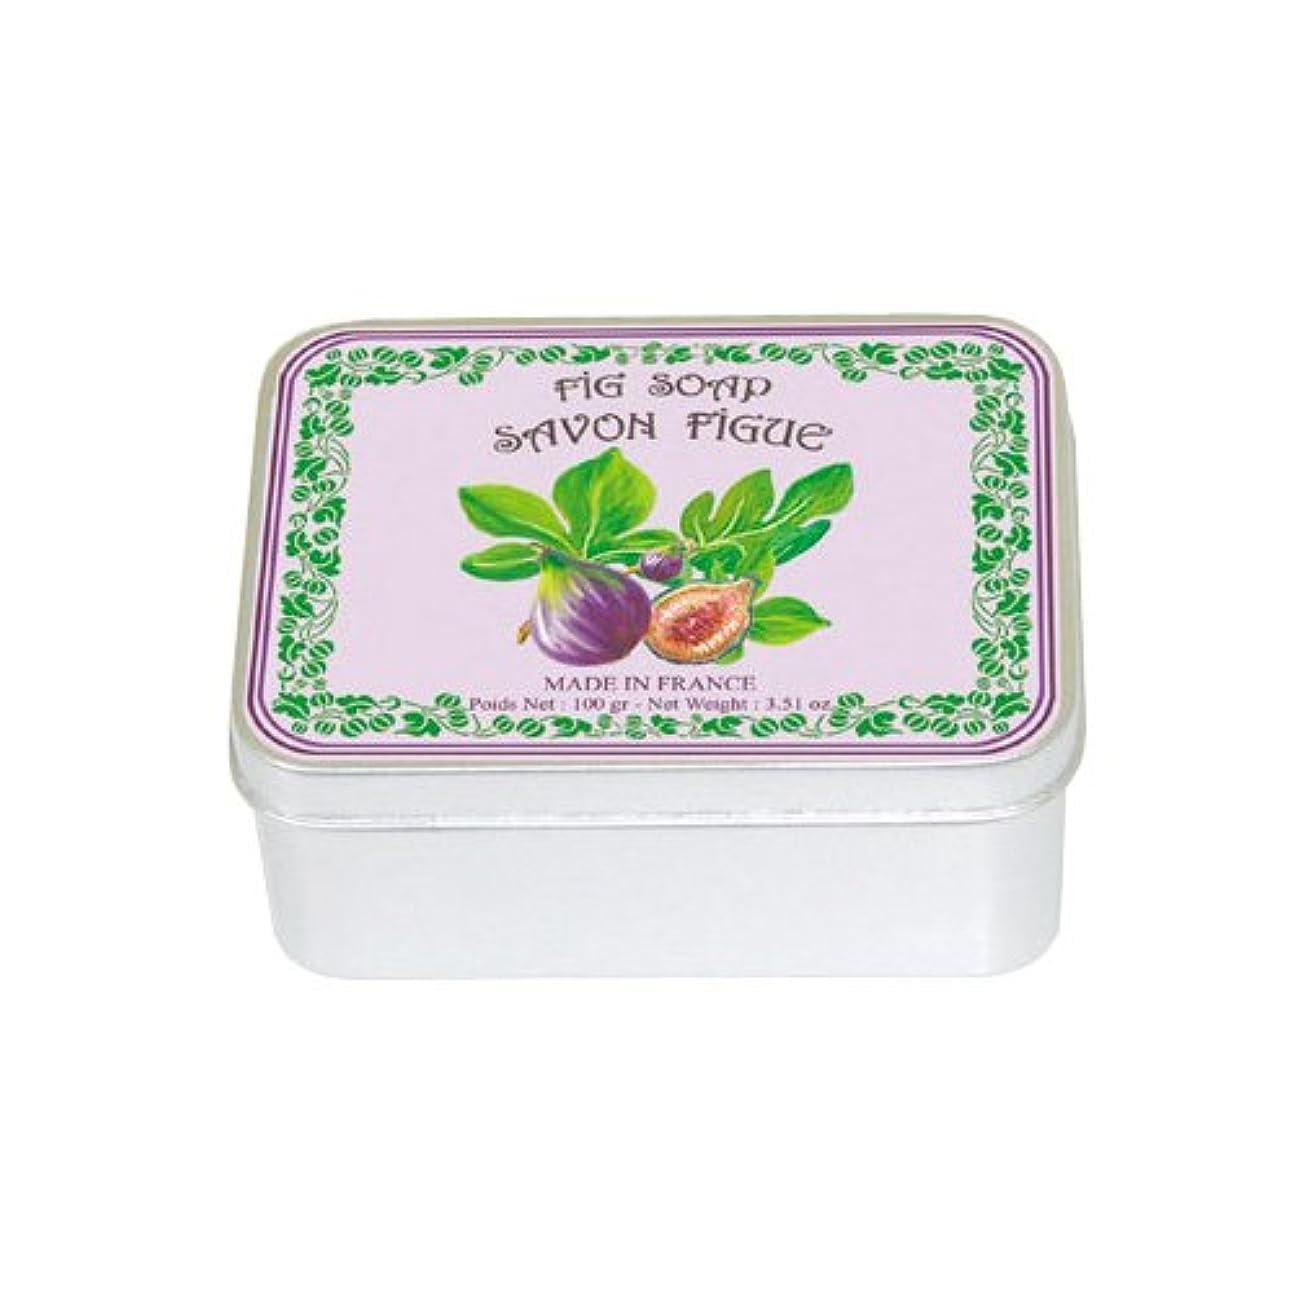 泥棒領域ひばりルブランソープ メタルボックス(イチジクの香り)石鹸